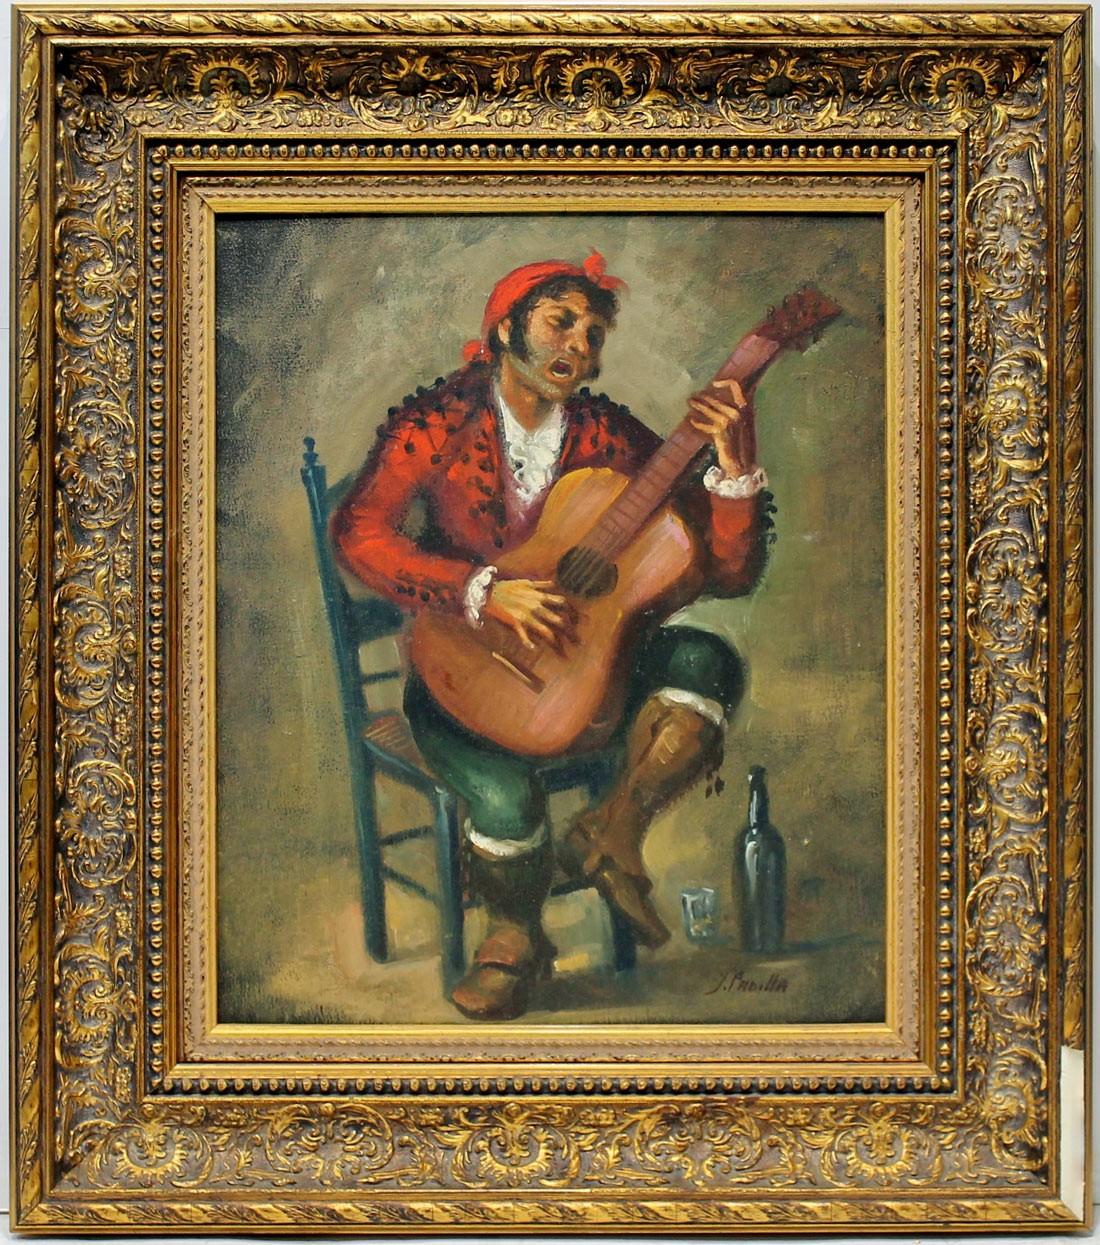 Juan Padilla: Goyesco rojo